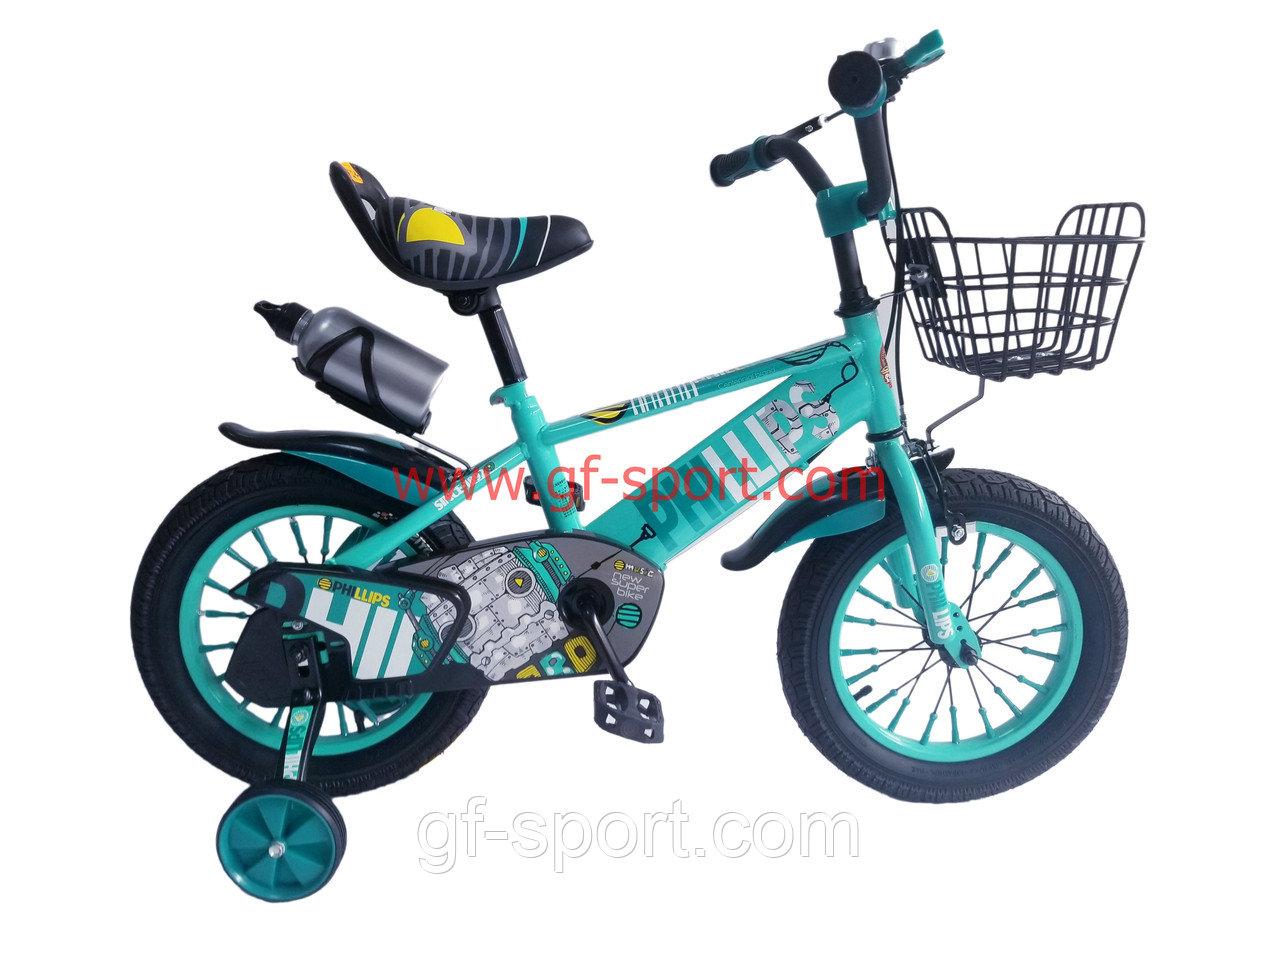 Велосипед Phillips бирюзовый оригинал детский с холостым ходом 14 размер